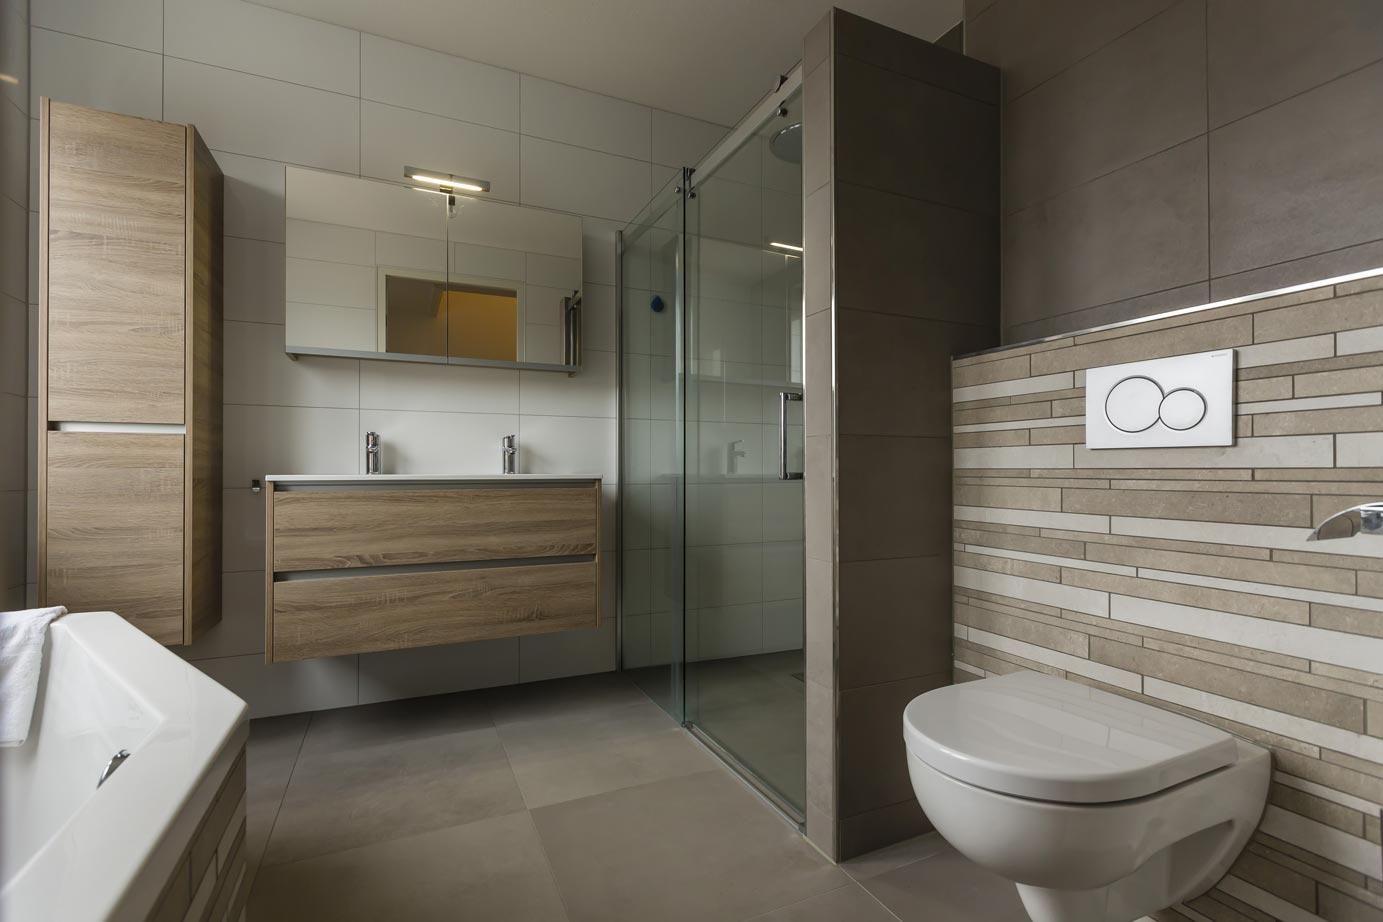 Wildverband Tegels Badkamer : Wandtegels voor de badkamer en keuken db keukens